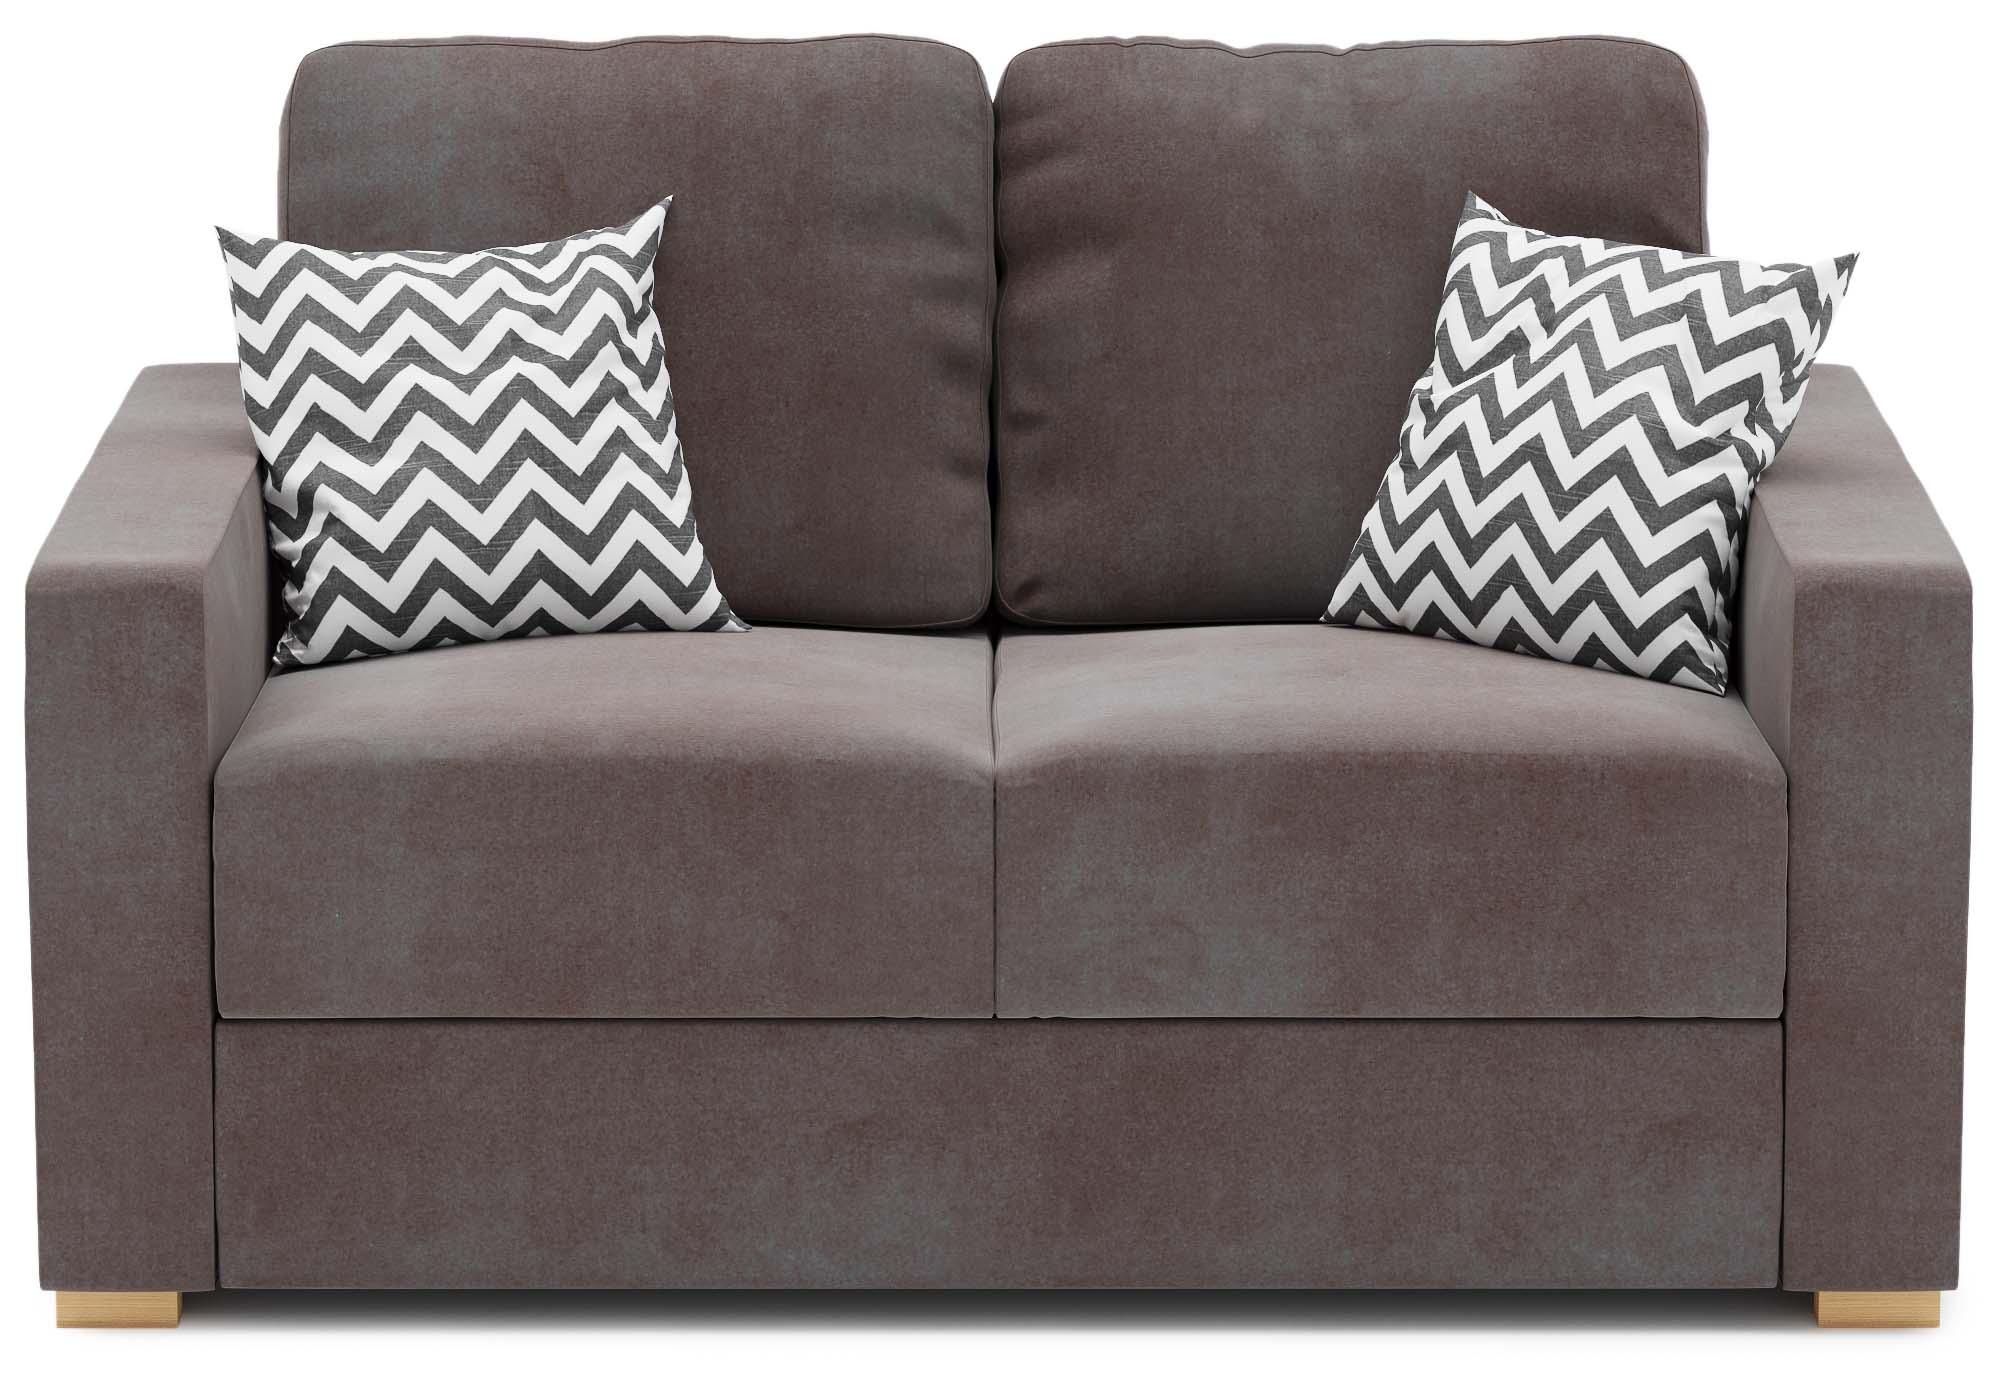 Lear 2 Seat Single Sofa Bed